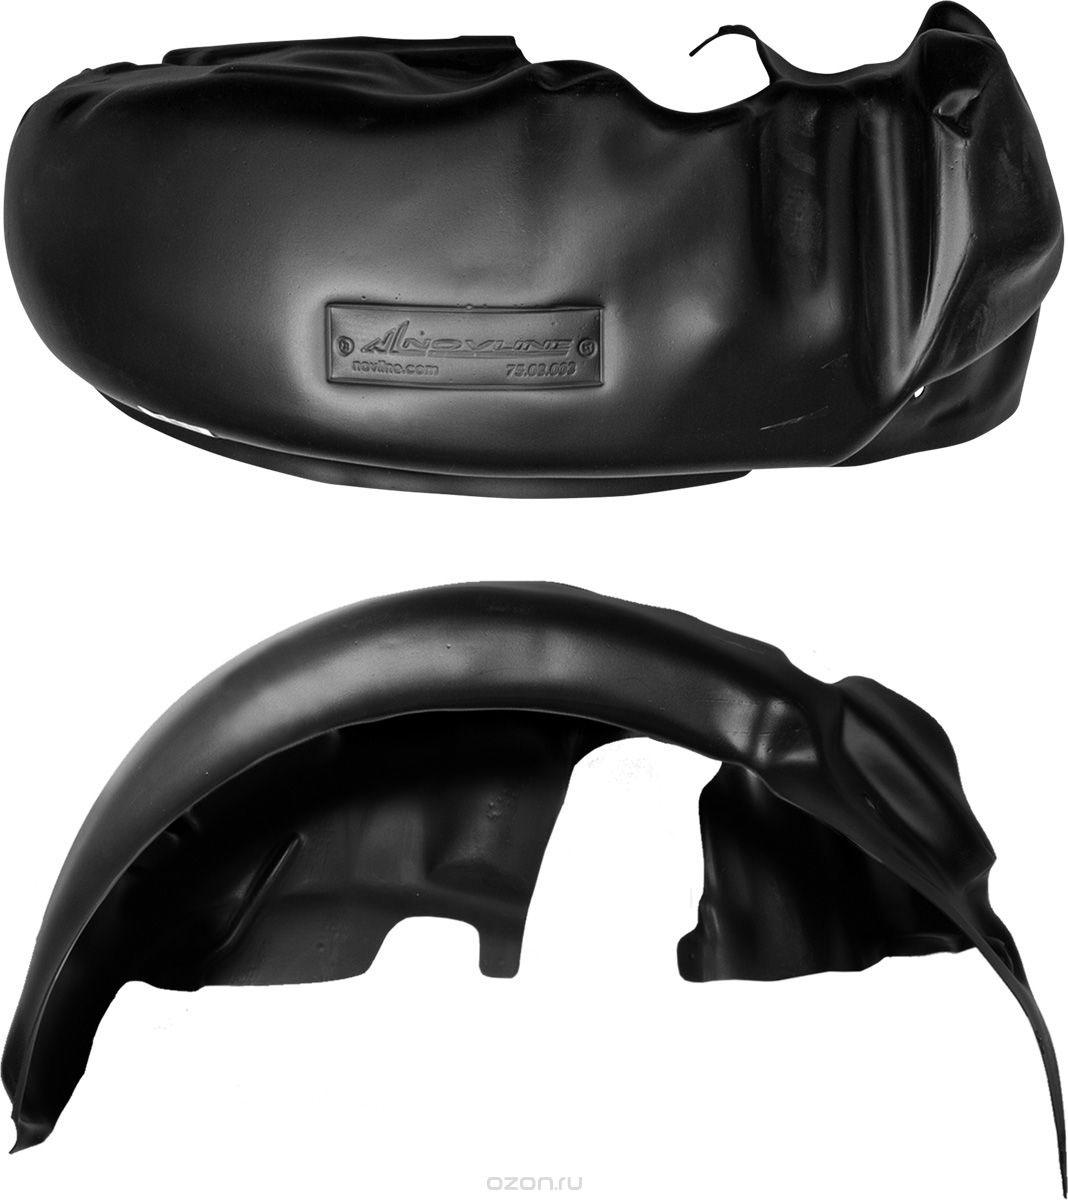 Подкрылок Novline-Autofamily, для Isuzu D-MAX, 04/2016->, пикап, передний правыйNLL.21.01.002Идеальная защита колесной ниши. Локеры разработаны с применением цифровых технологий, гарантируют максимальную повторяемость поверхности арки. Изделия устанавливаются без нарушения лакокрасочного покрытия автомобиля, каждый подкрылок комплектуется крепежом. Уважаемые клиенты, обращаем ваше внимание, что фотографии на подкрылки универсальные и не отражают реальную форму изделия. При этом само изделие идет точно под размер указанного автомобиля.